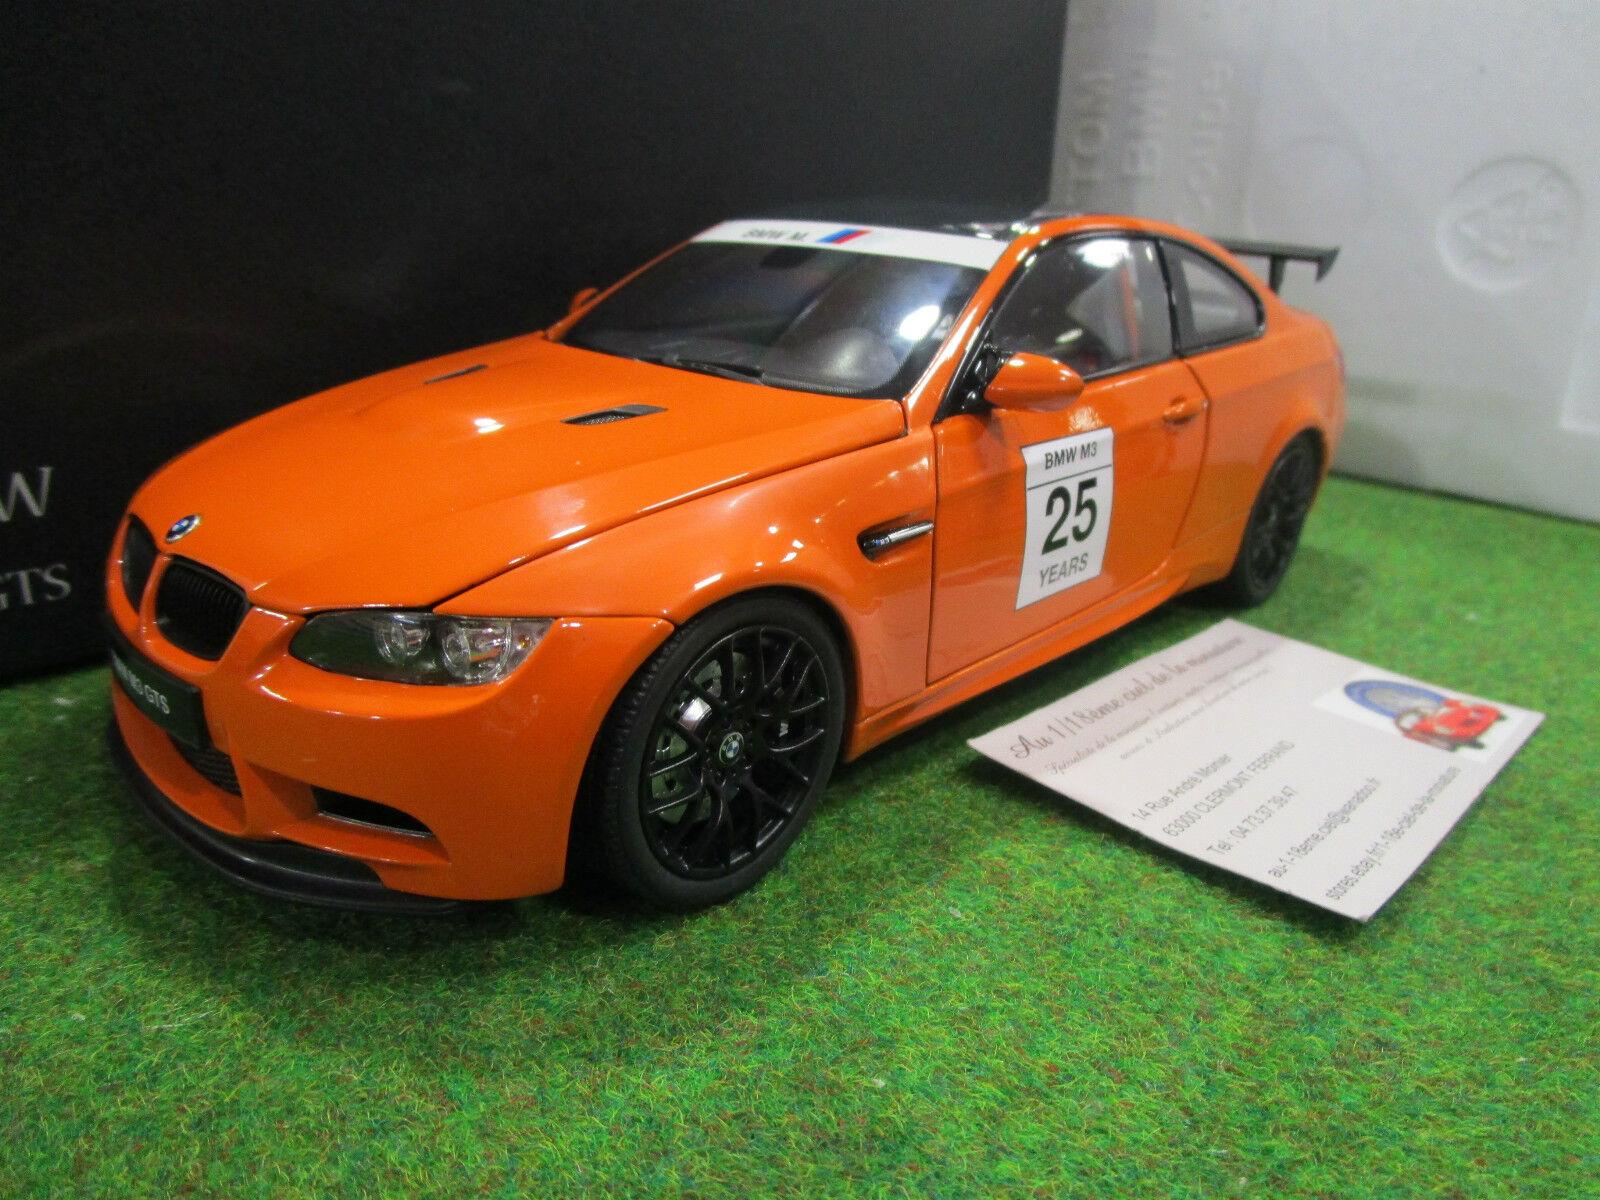 BMW M3 GTS  COUPE   25 Orange au 1 18 KYOSHO 08739PM voiture miniature collection  font des activités d'escompte